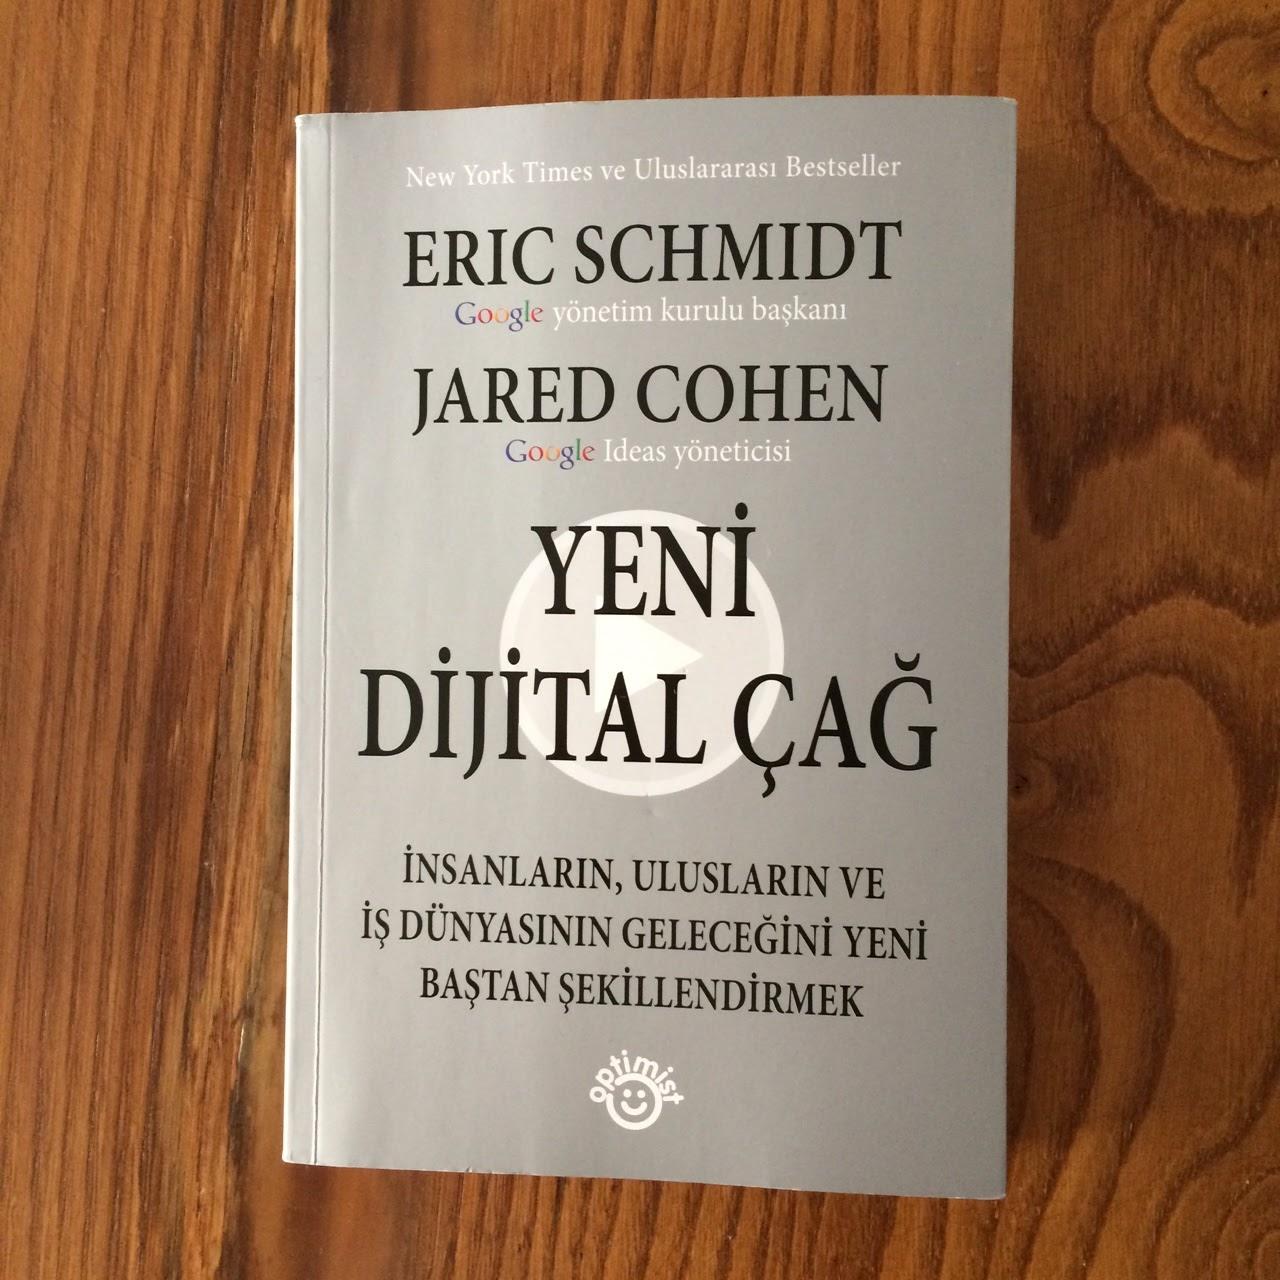 Yeni Dijital Cag